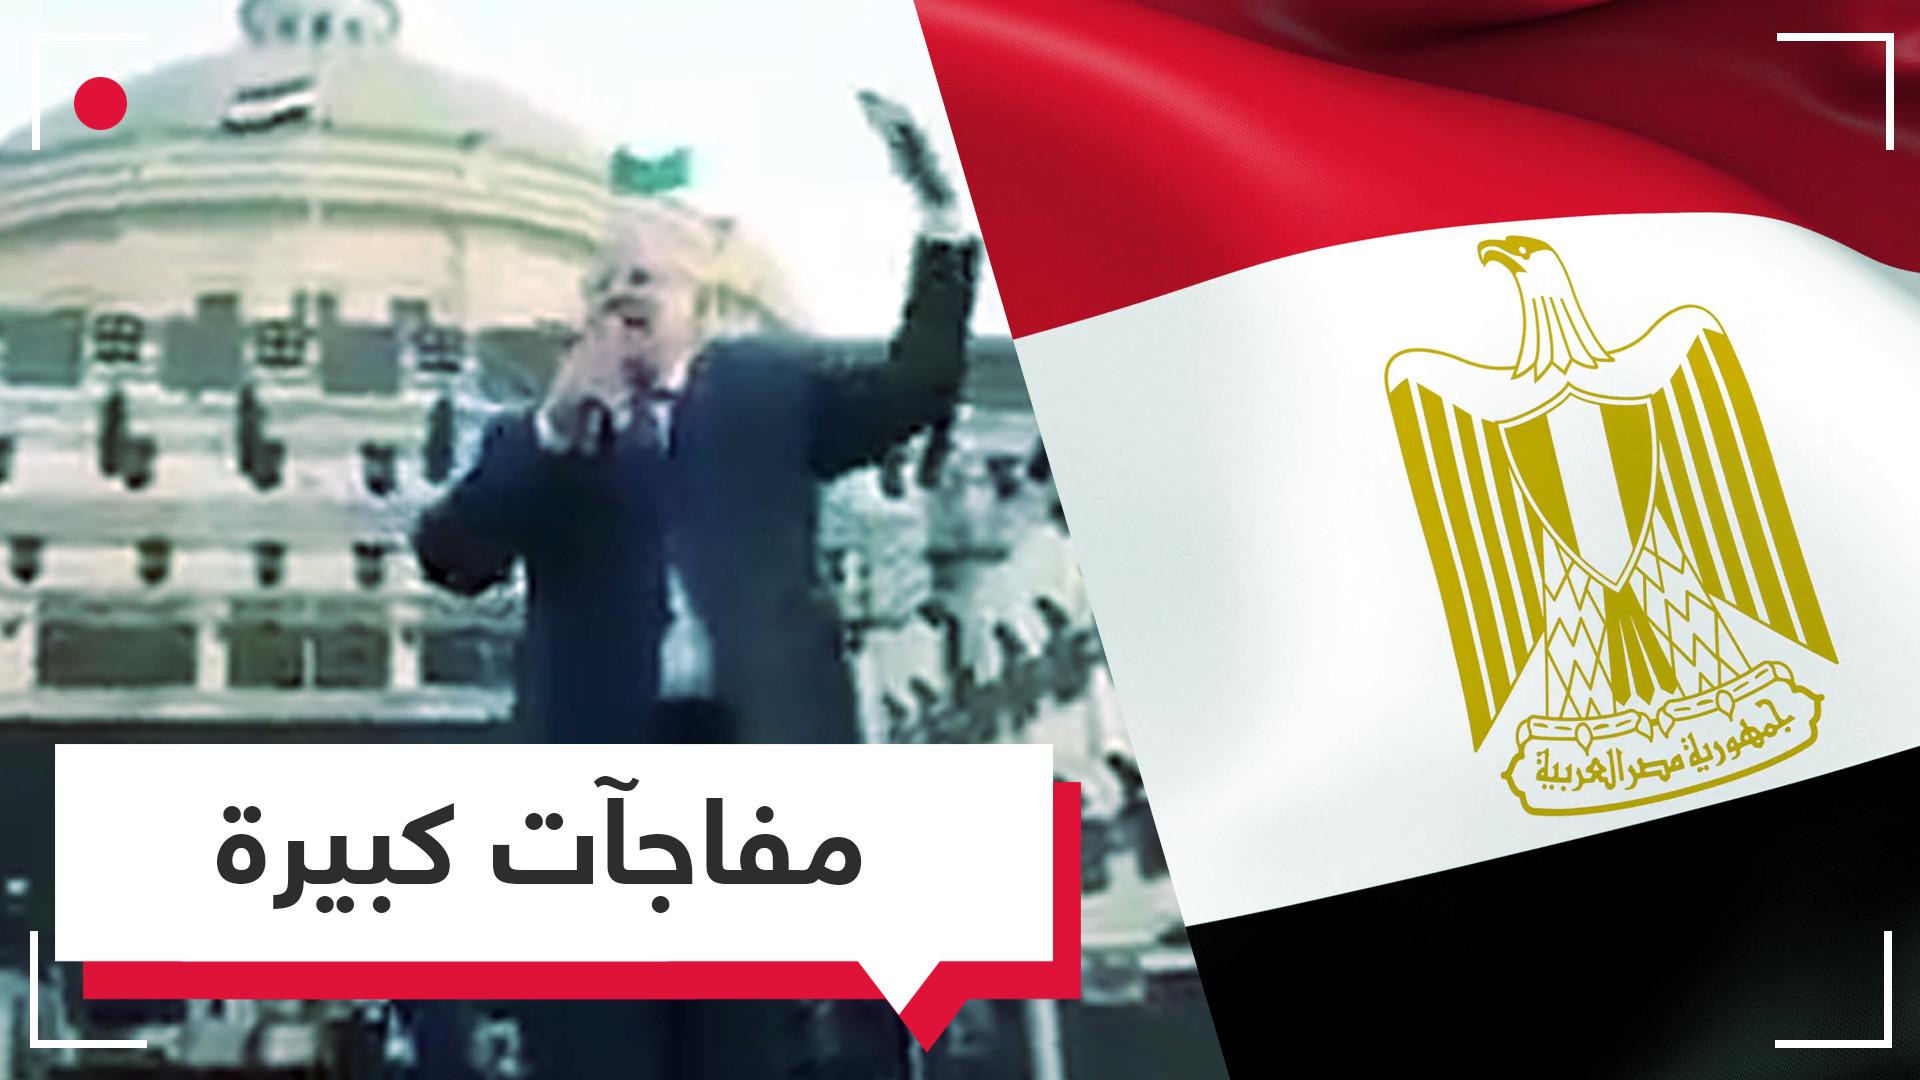 فيديو متداول.. مفاجآت رئيس جامعة القاهرة للطلاب في حفل غنائي تثير الجدل